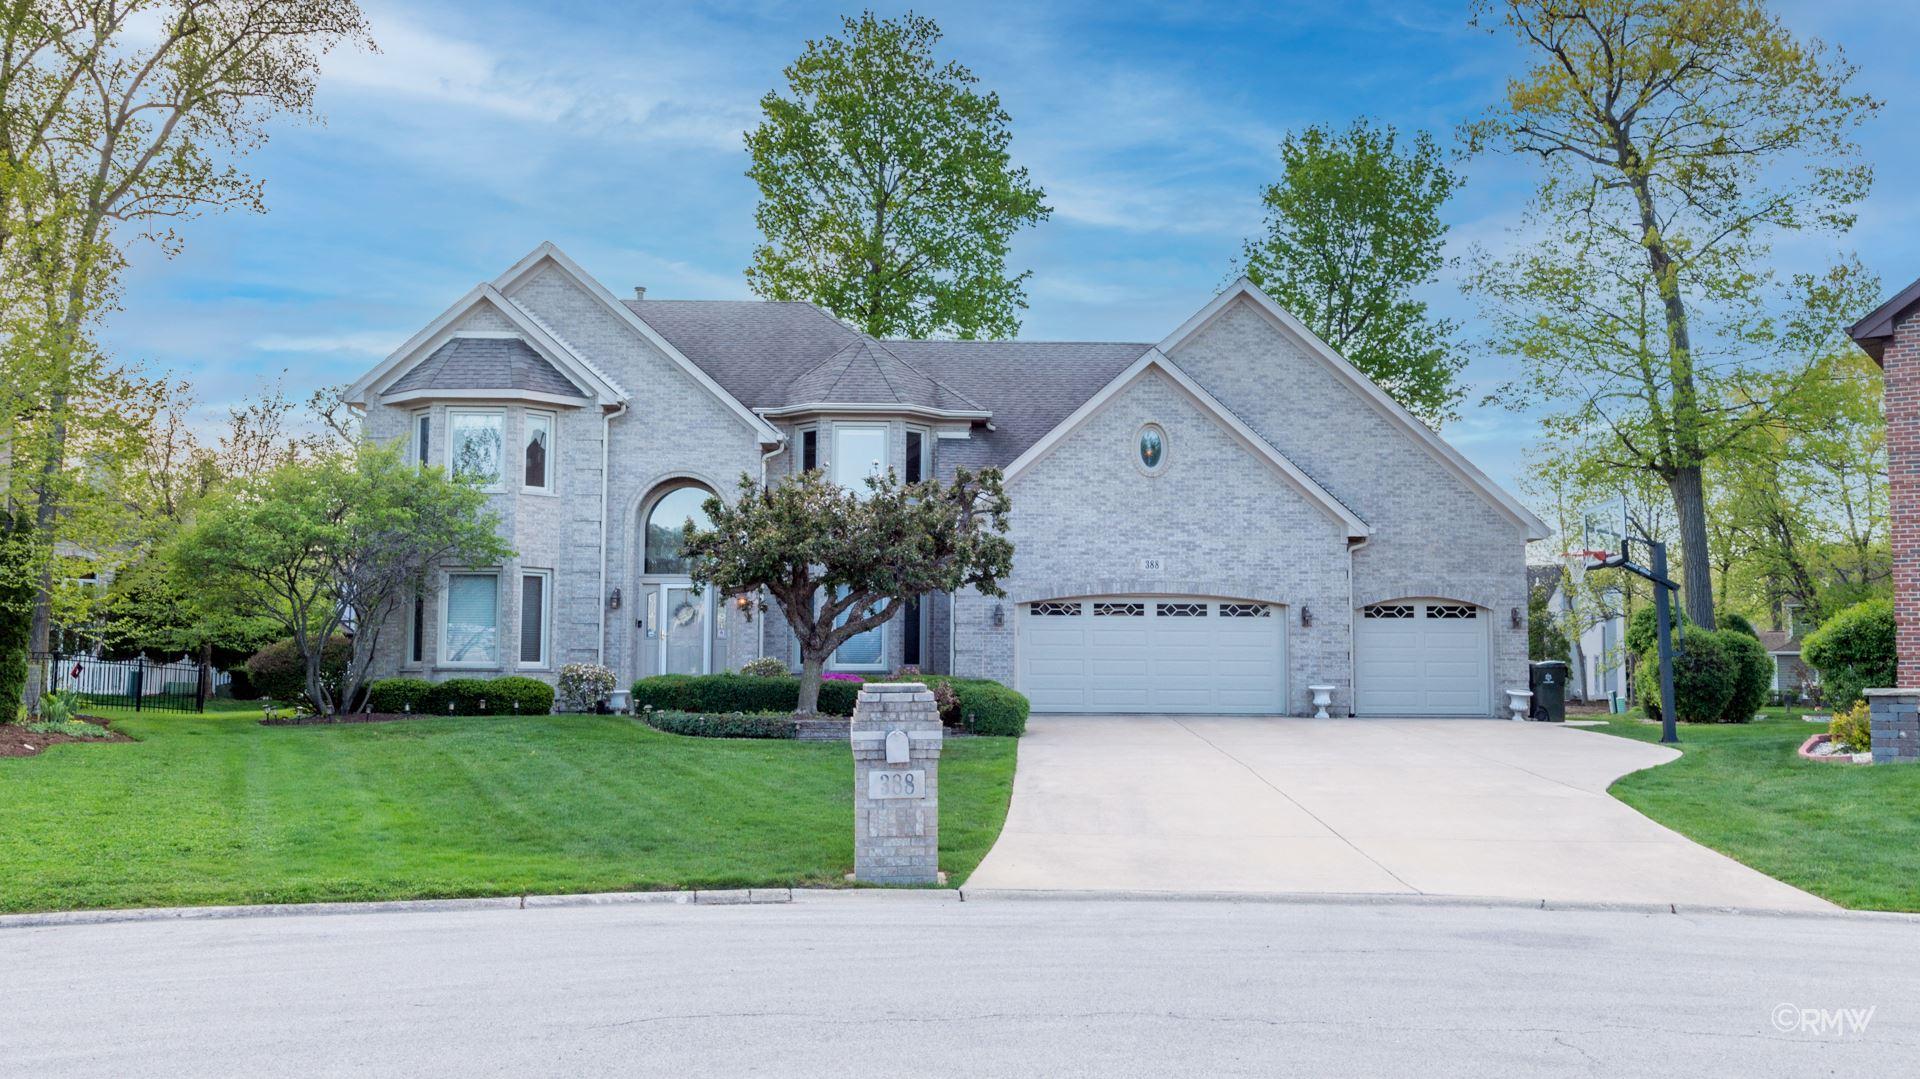 388 Woodside Drive, Wood Dale, IL 60191 - #: 11081677